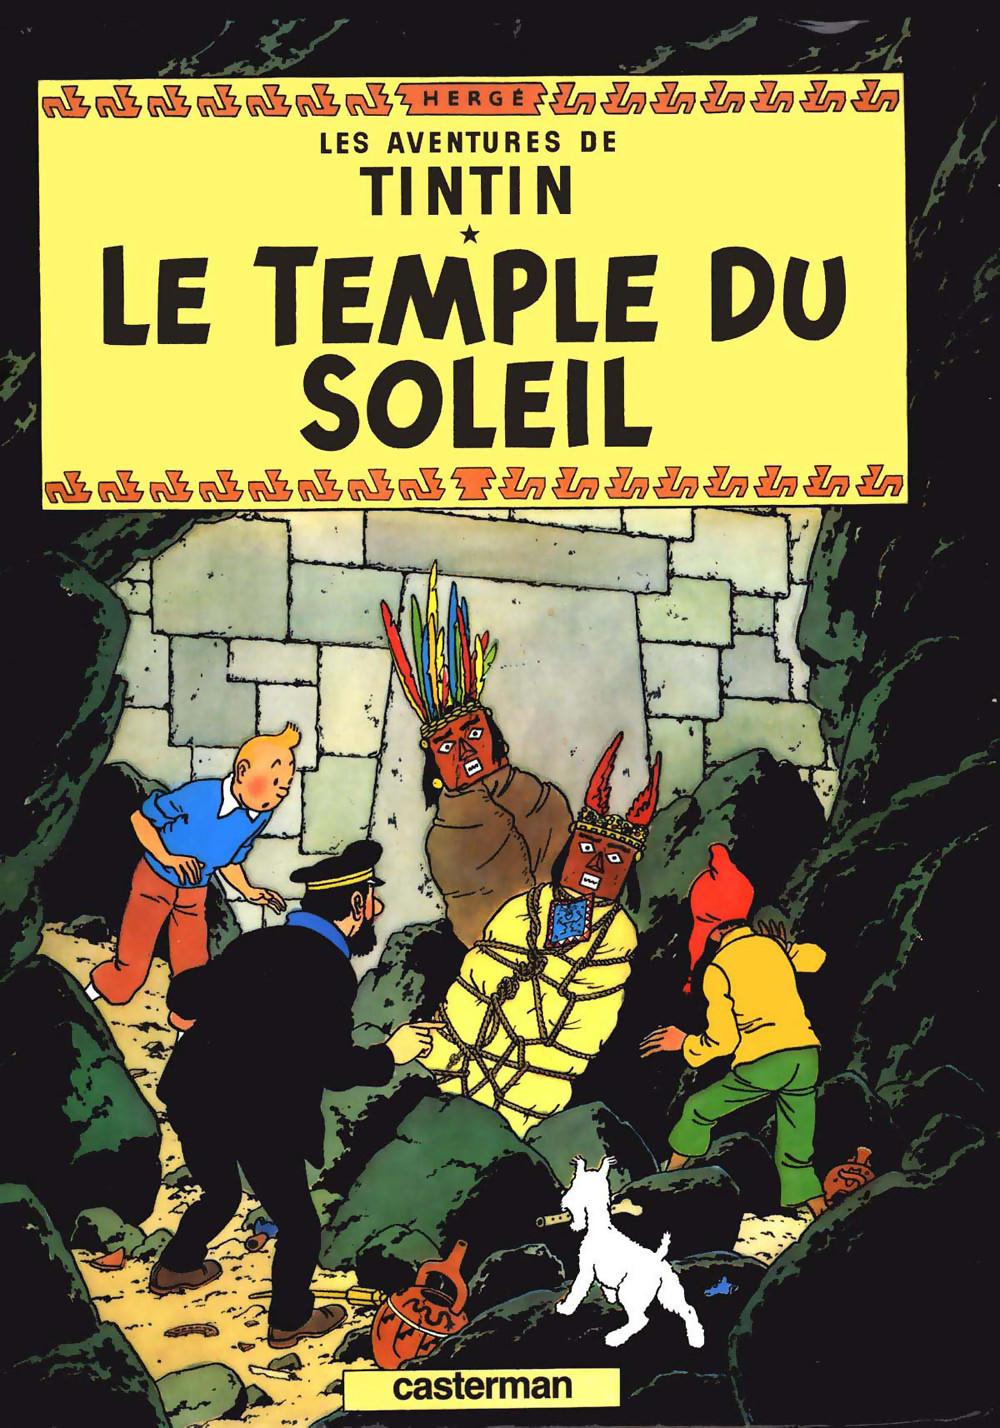 Les Aventures De Tintin 2 : aventures, tintin, Aventures, Tintin, (2017)